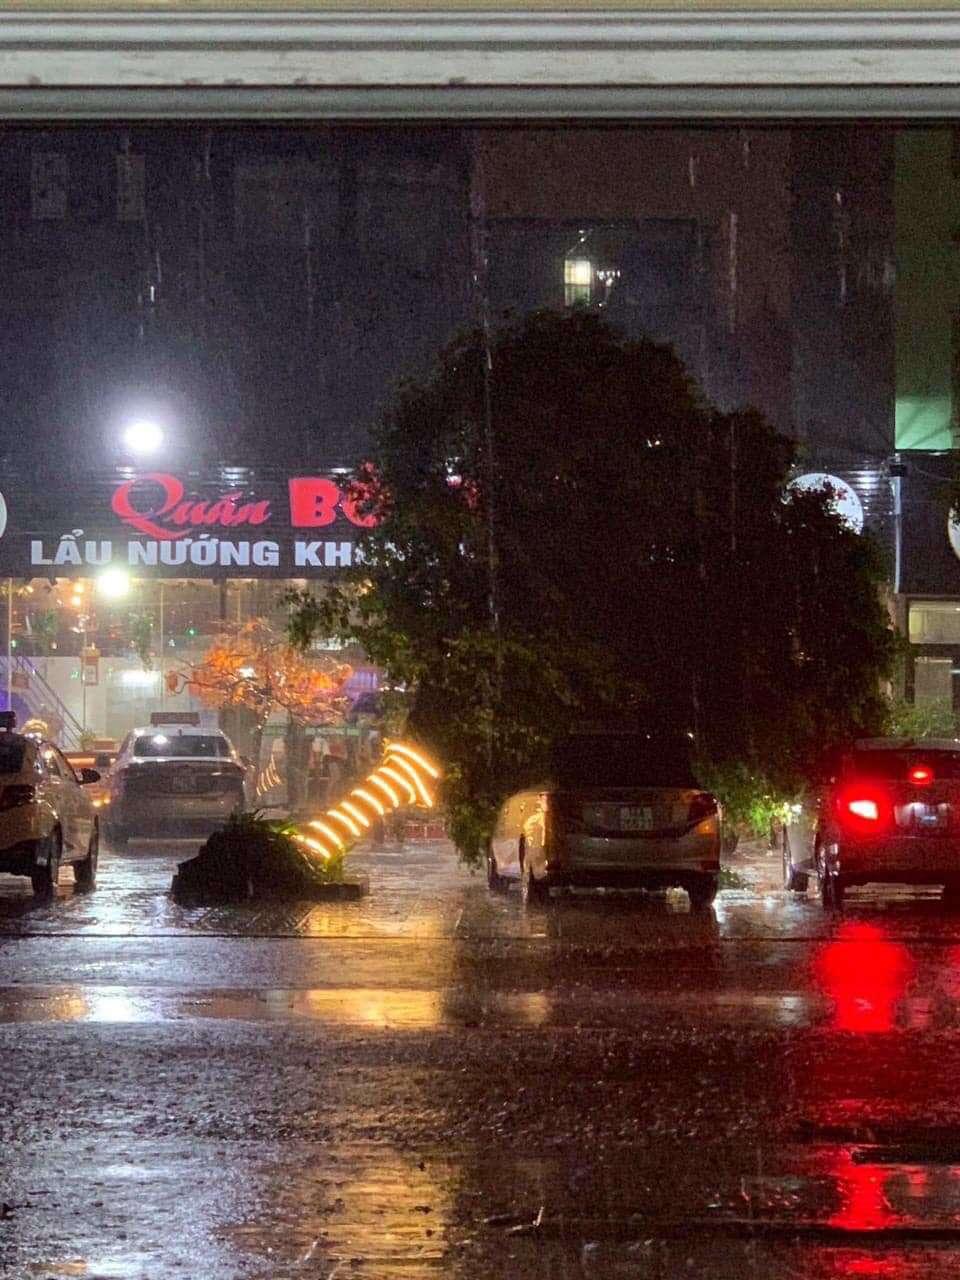 Diễn biến mới về cơn bão số 3 đổ bộ đất liền trong đêm, gây mưa lớn gió giật mạnh-1